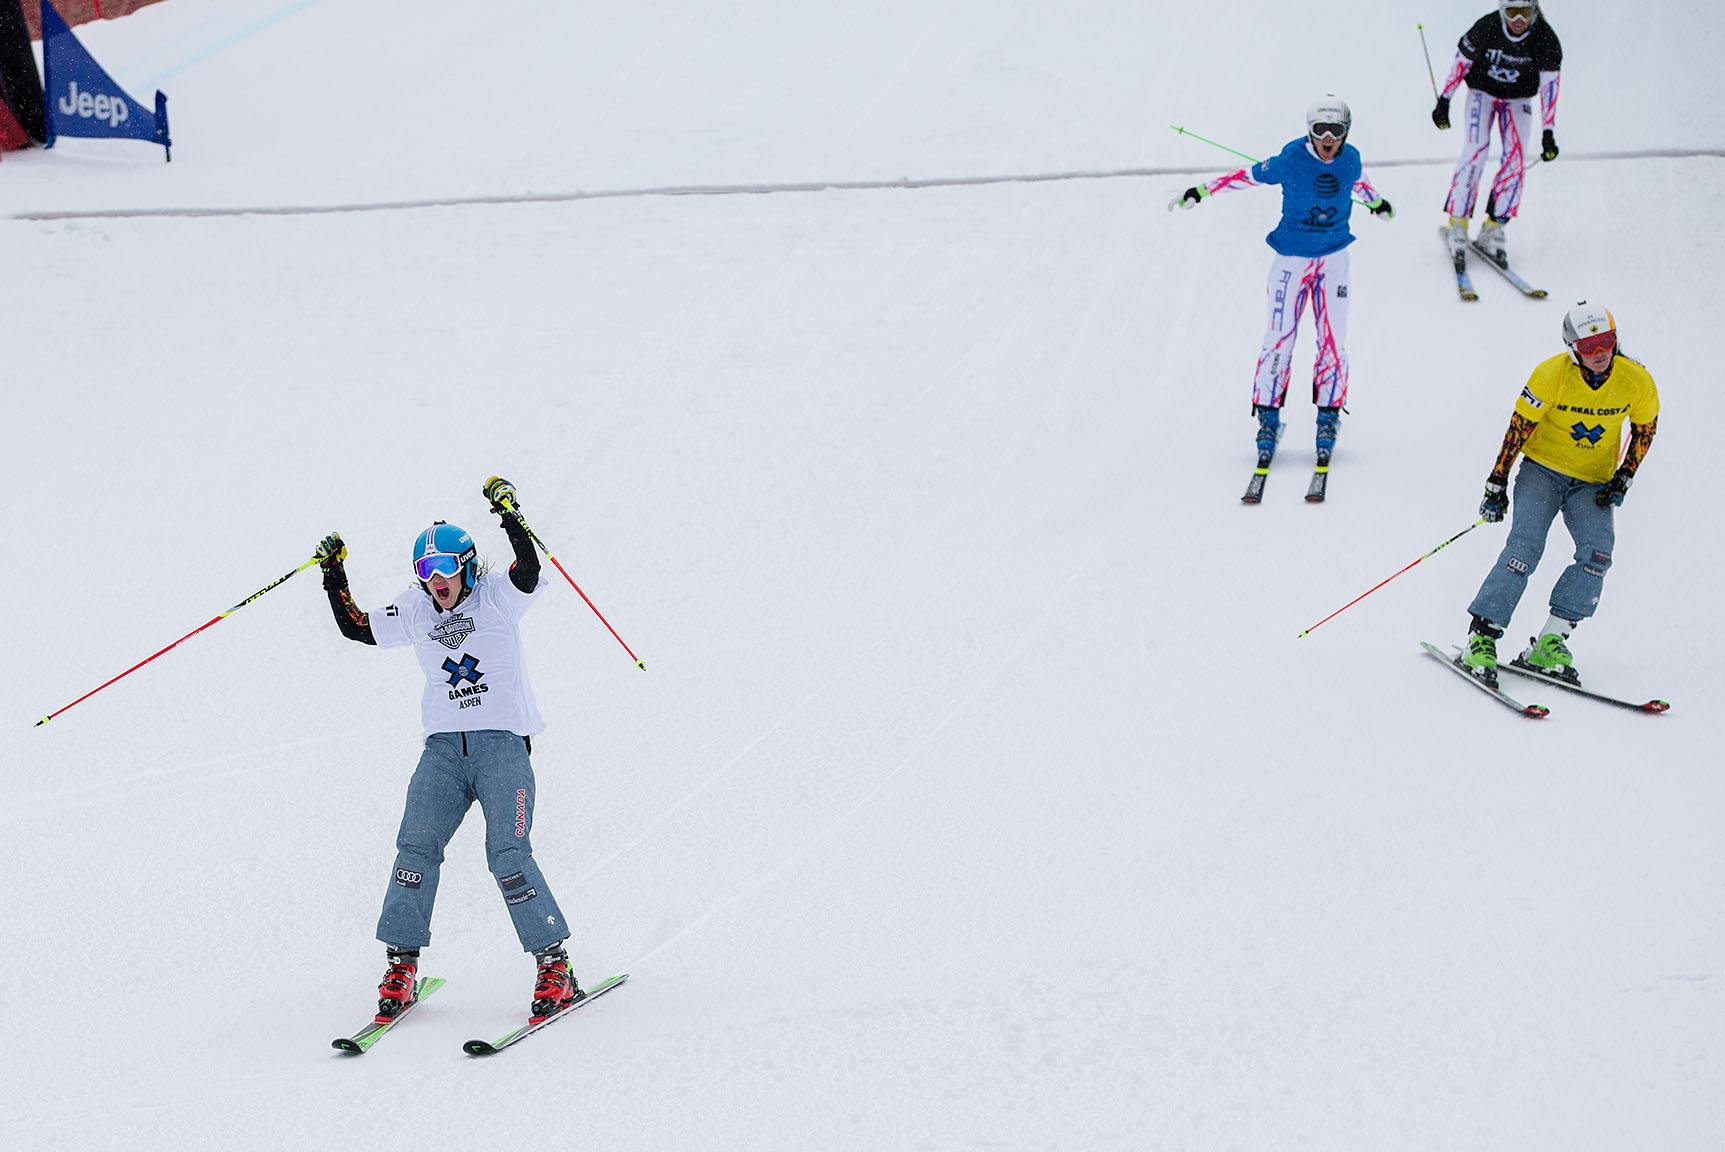 Kelsey Serwa wins W's Skier X